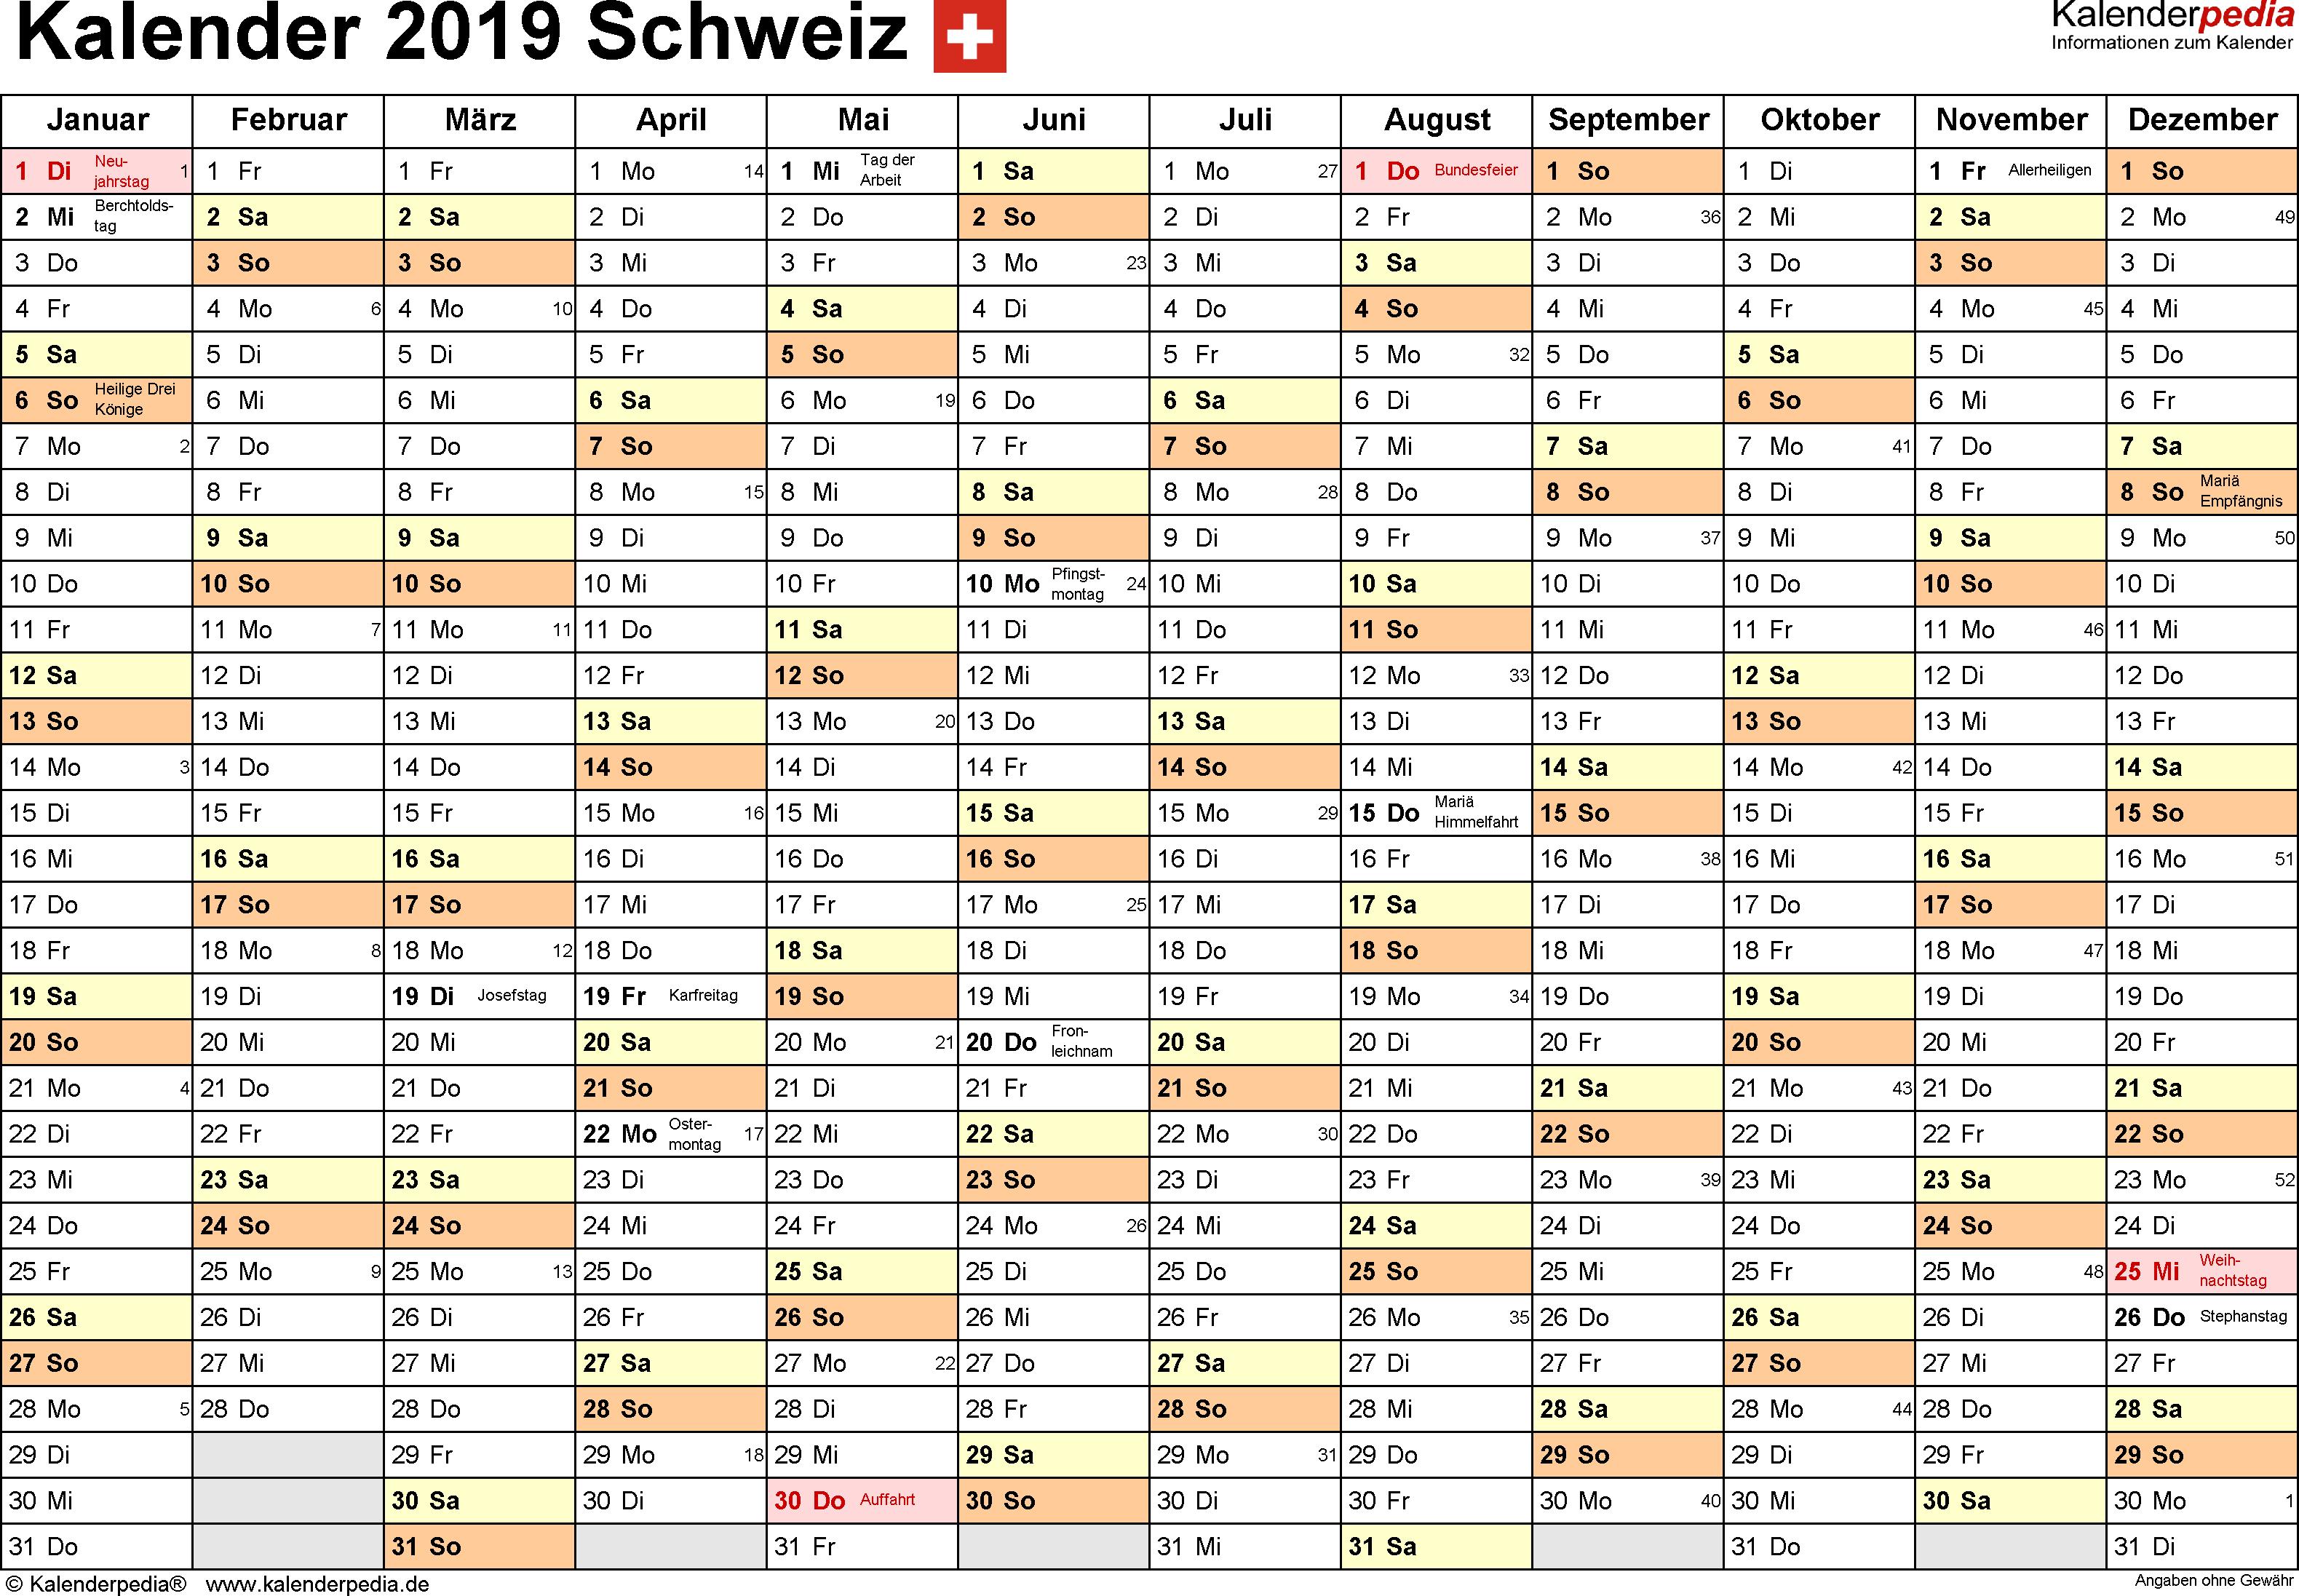 Vorlage 2: Kalender 2019 für die <span style=white-space:nowrap;>Schweiz als PDF-Datei, Querformat, 1 Seite, Monate nebeneinander